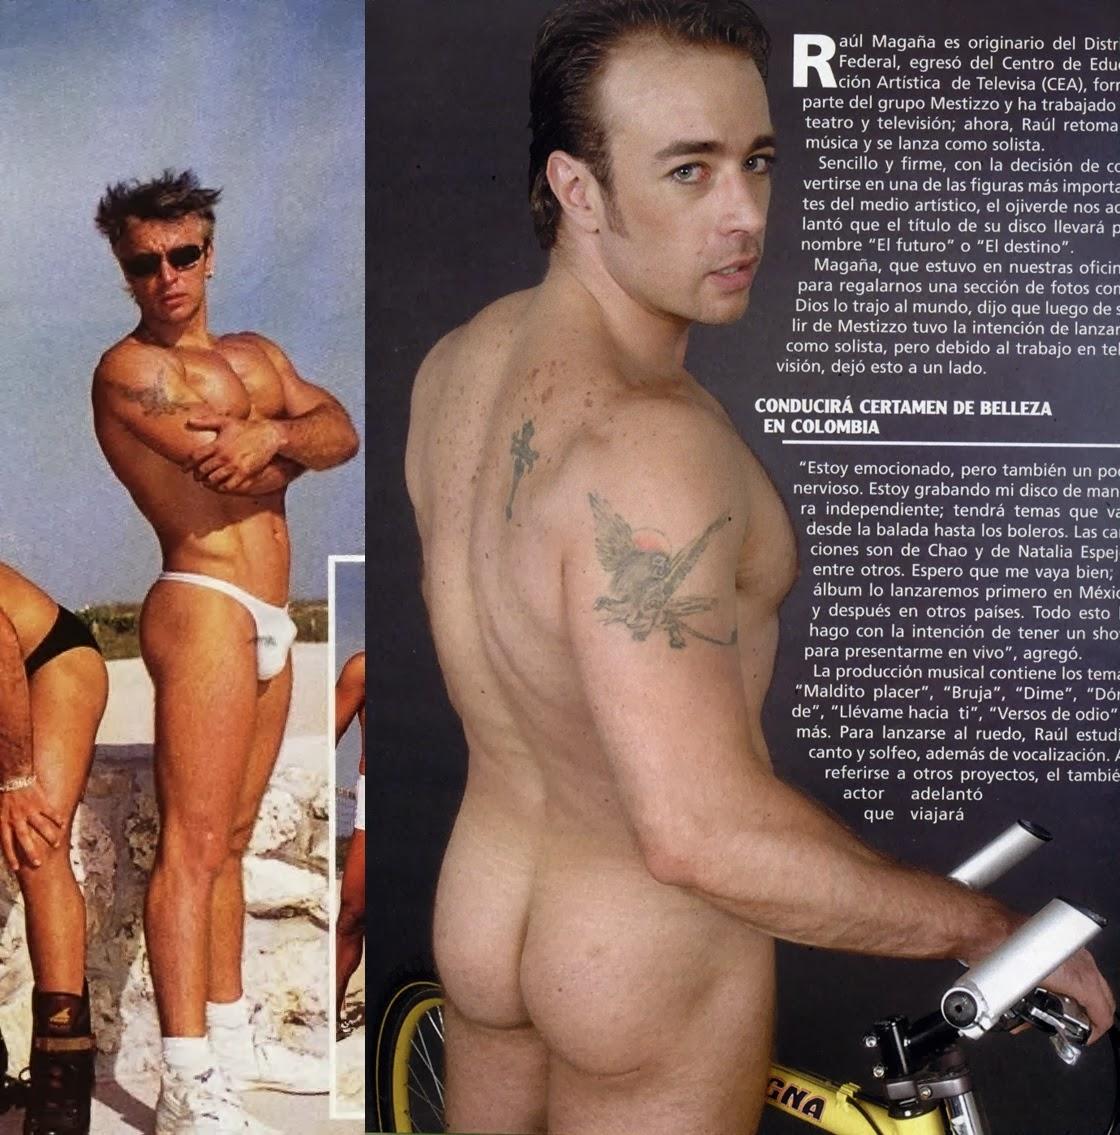 Aaron lautner y alejandro chus follada gay en el semad 6